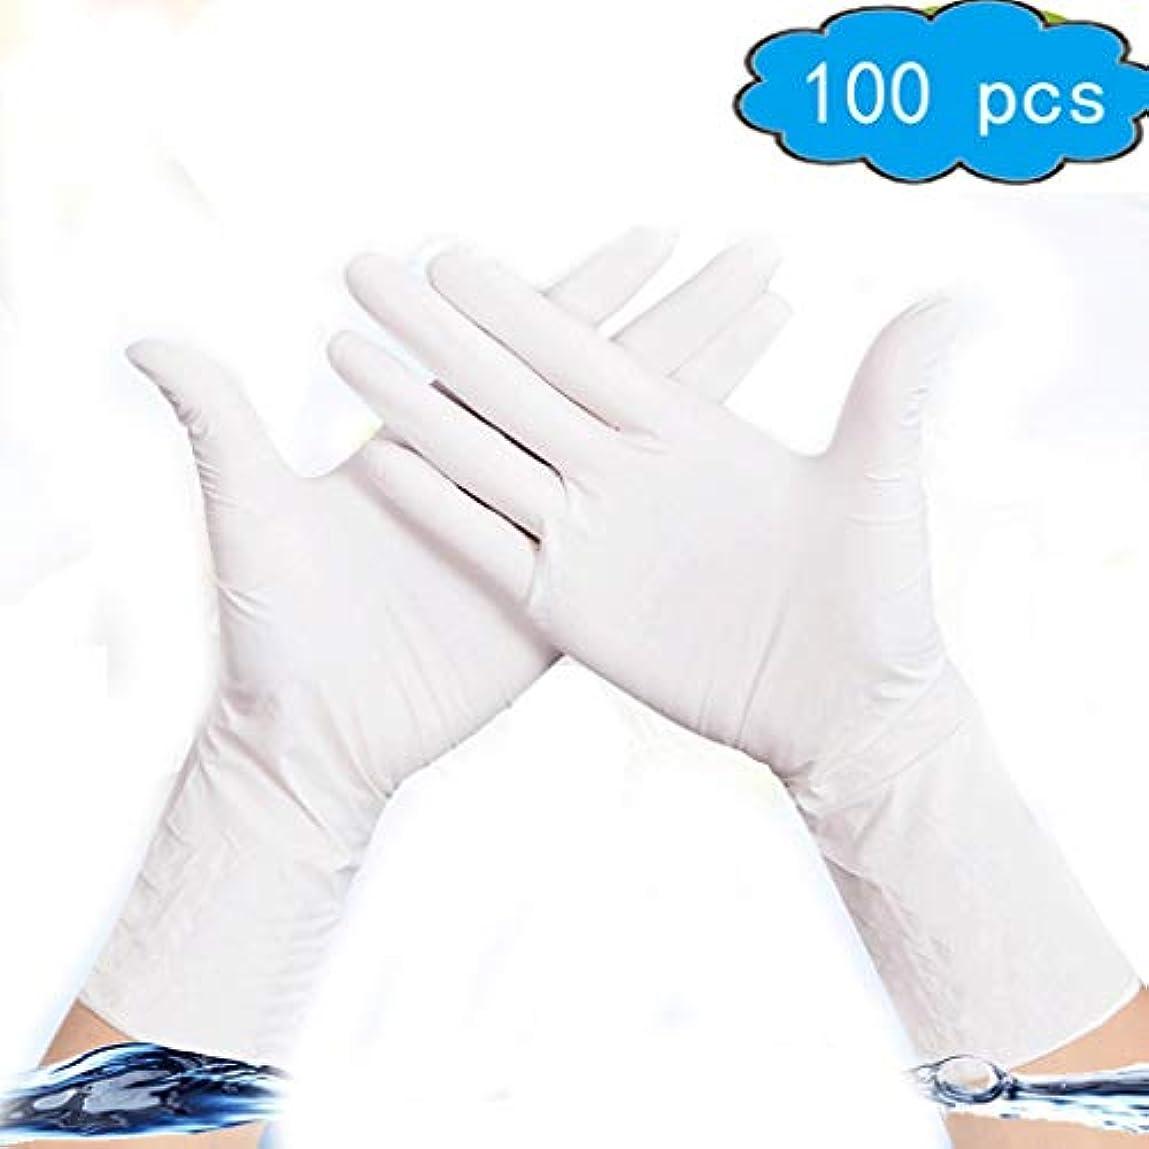 大量見つけたファックス使い捨てニトリル手袋、無粉末、滑らかな肌触り、食品グレード、非滅菌[100パック]、サニタリー手袋、家庭用品、ツール&ホームインプルーブメント (Color : White, Size : XS)